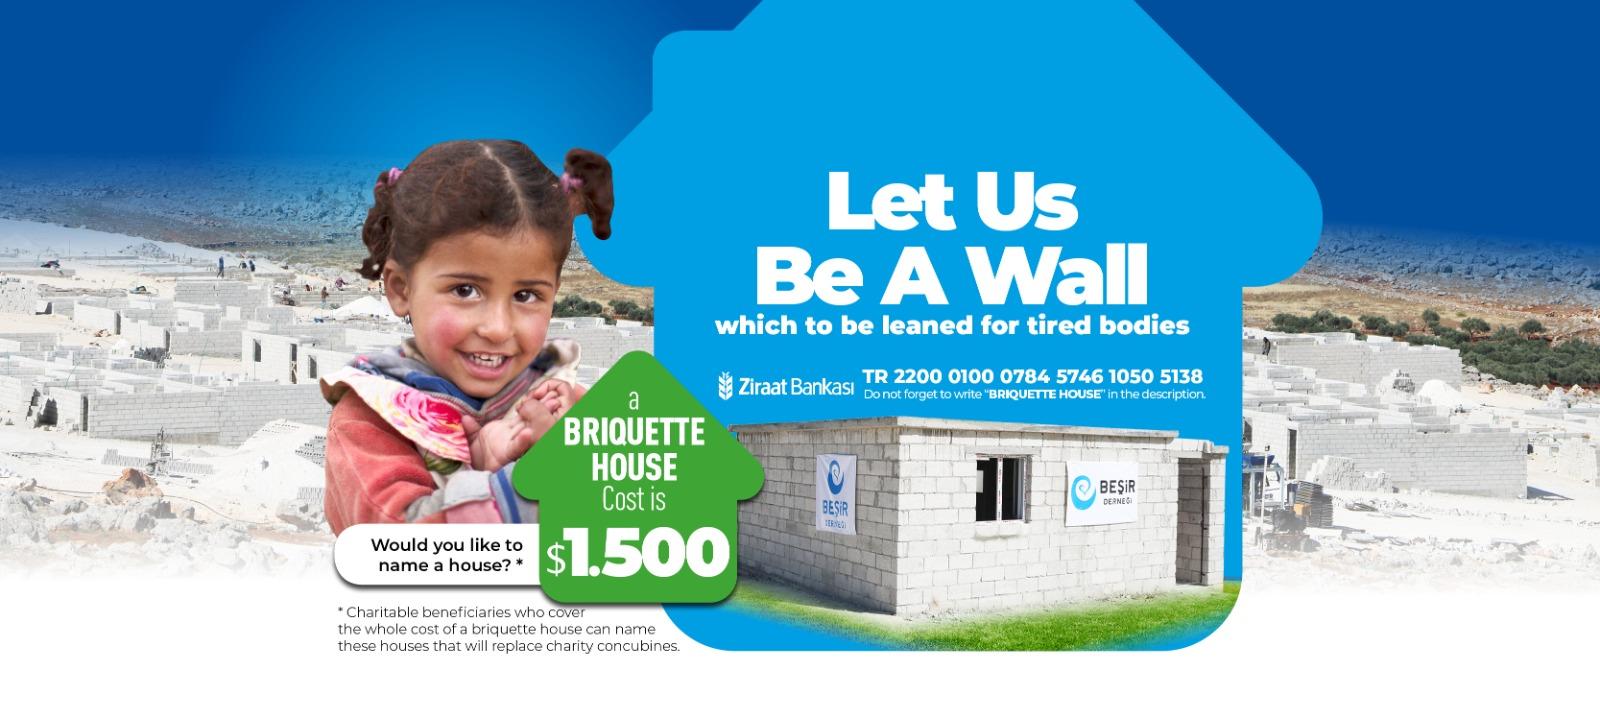 Briquette House Project